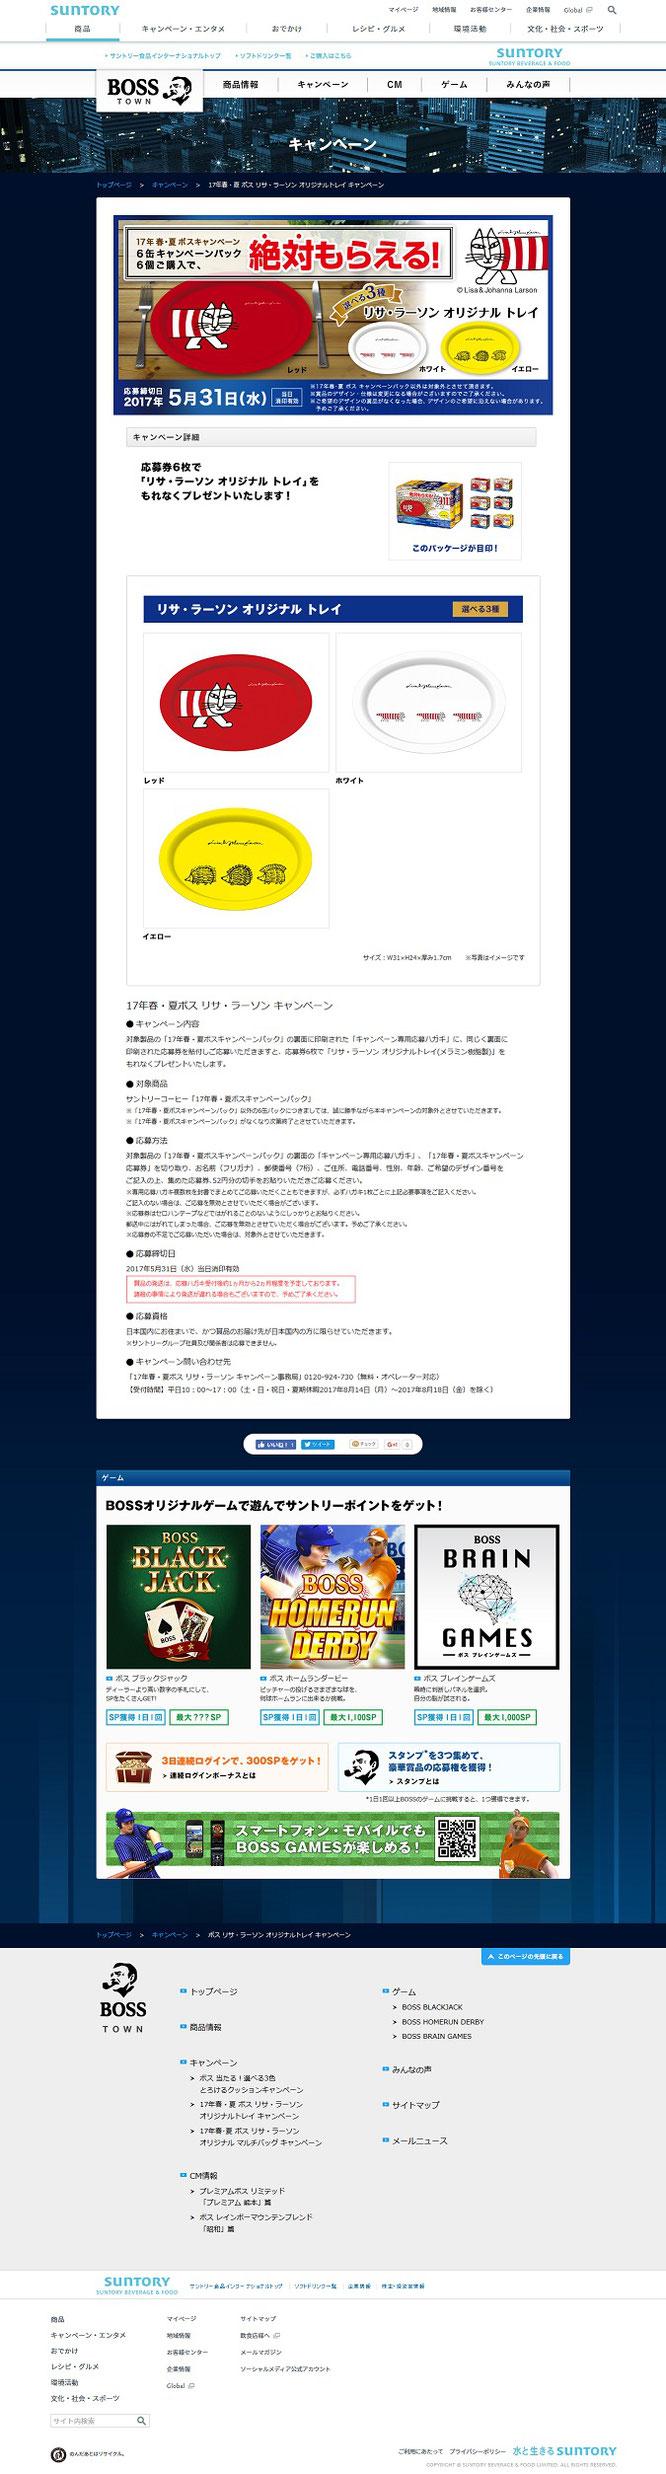 【BOSS】リサ・ラーソン オリジナルトレイ プレゼントキャンペーン